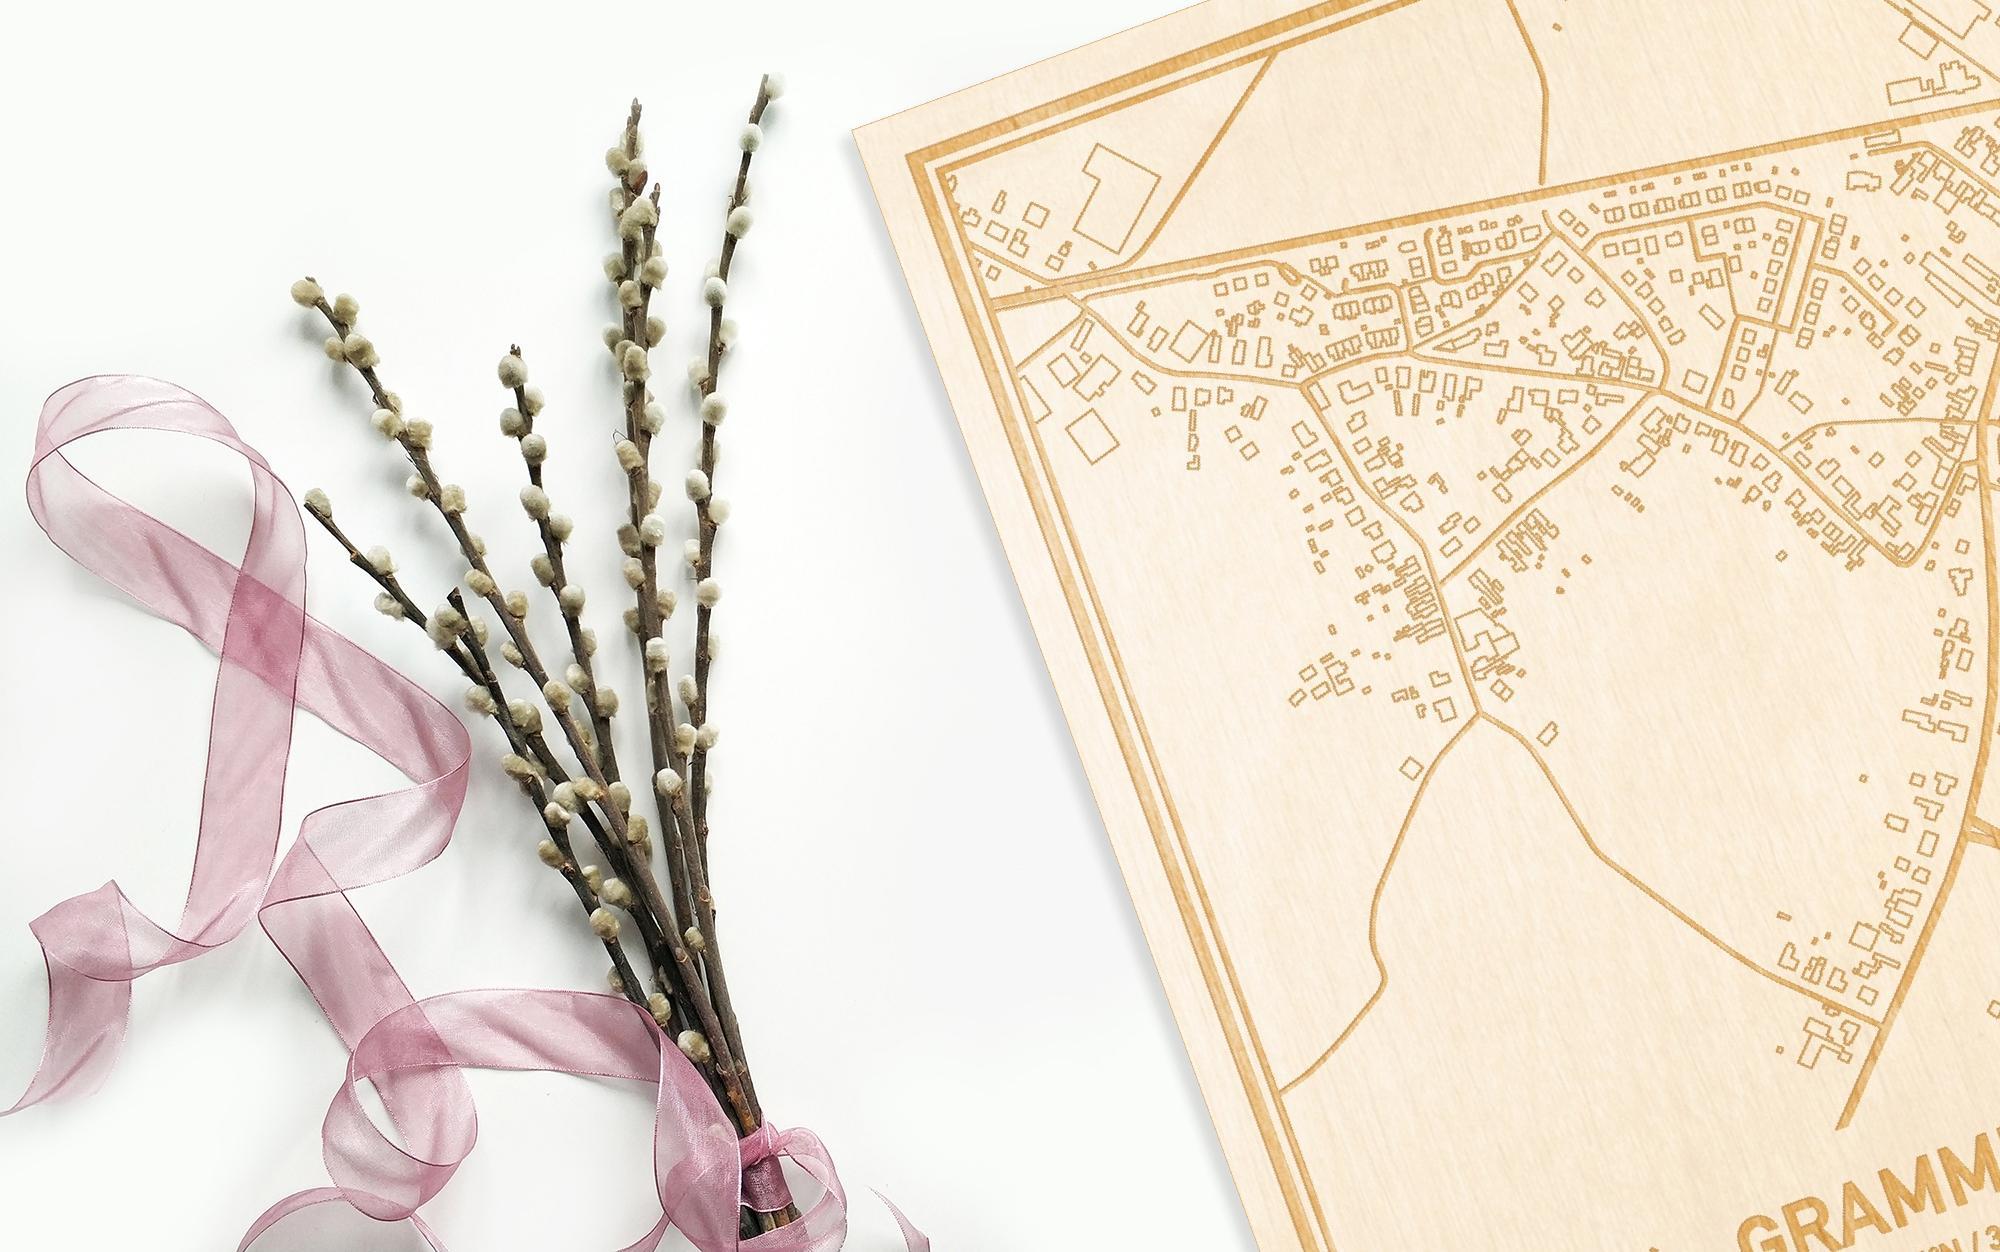 Hier ligt de houten plattegrond Grammene naast een bloemetje als gepersonaliseerd cadeau voor haar.